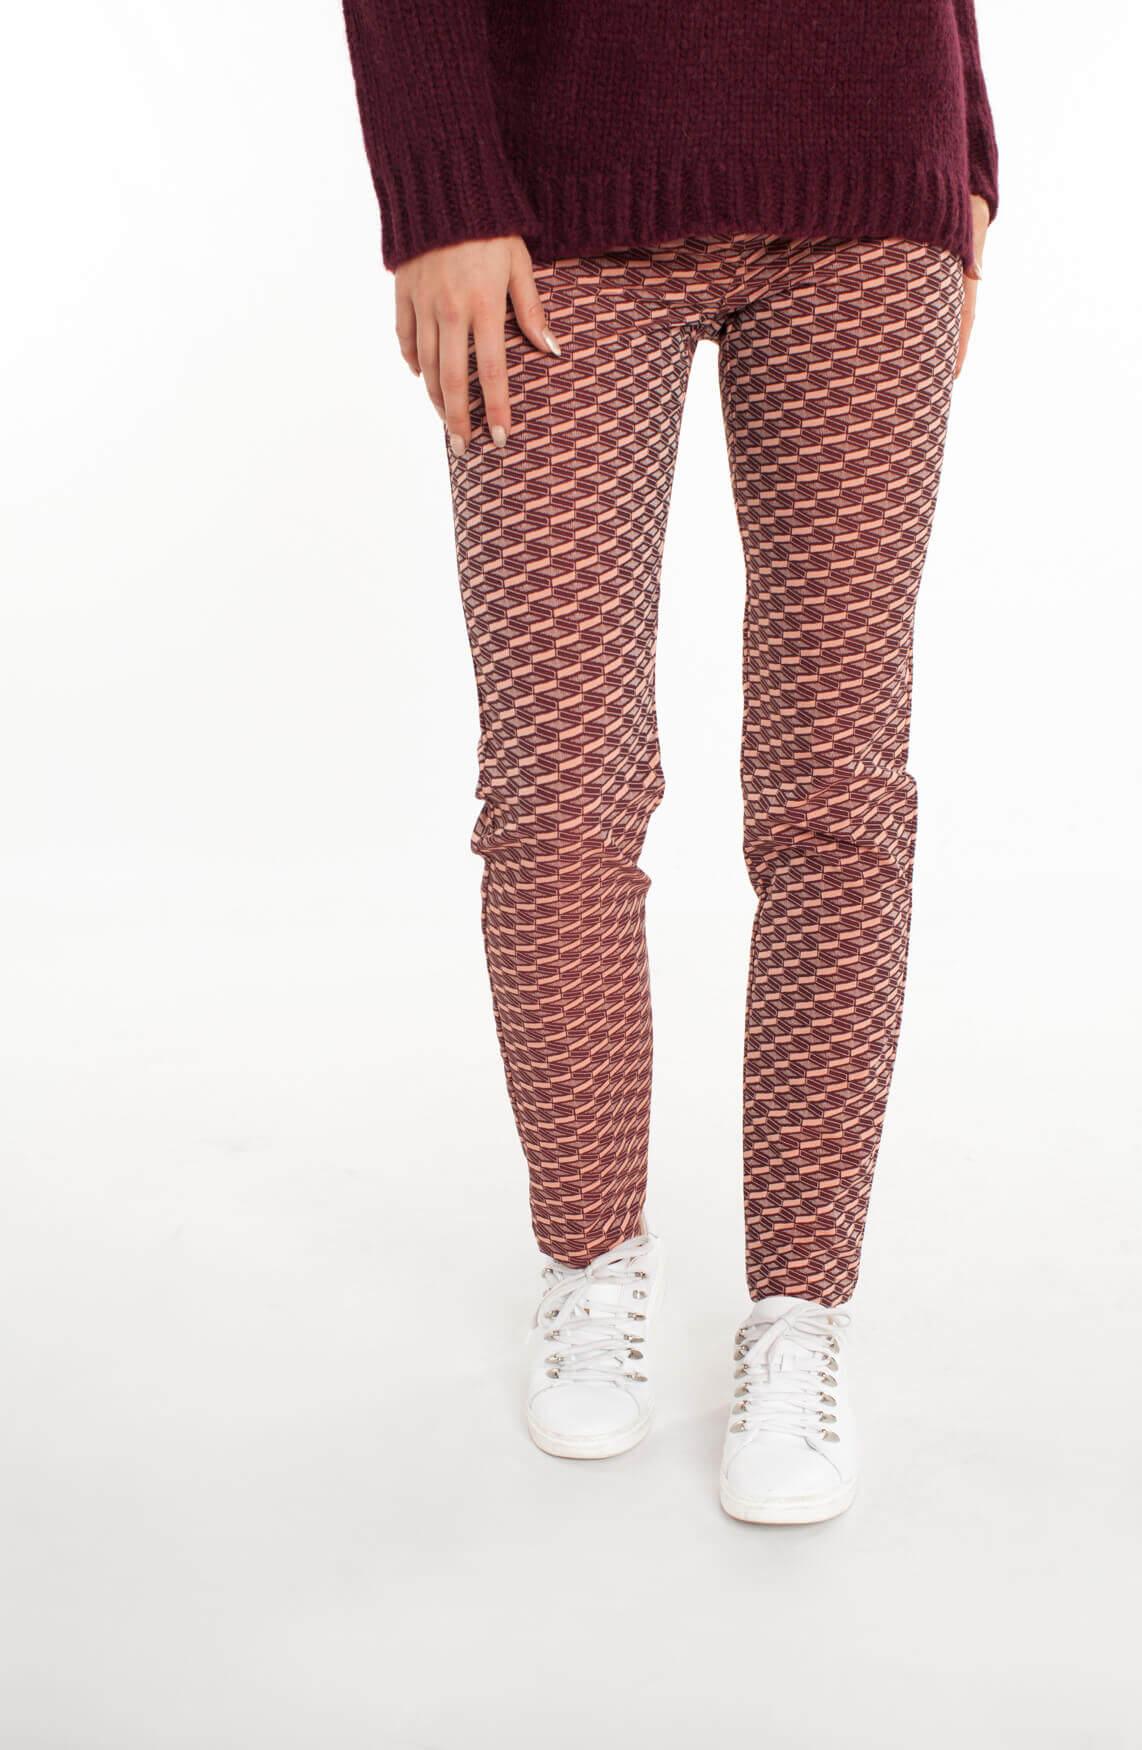 Fabienne Chapot Dames Sabeth pantalon Rood